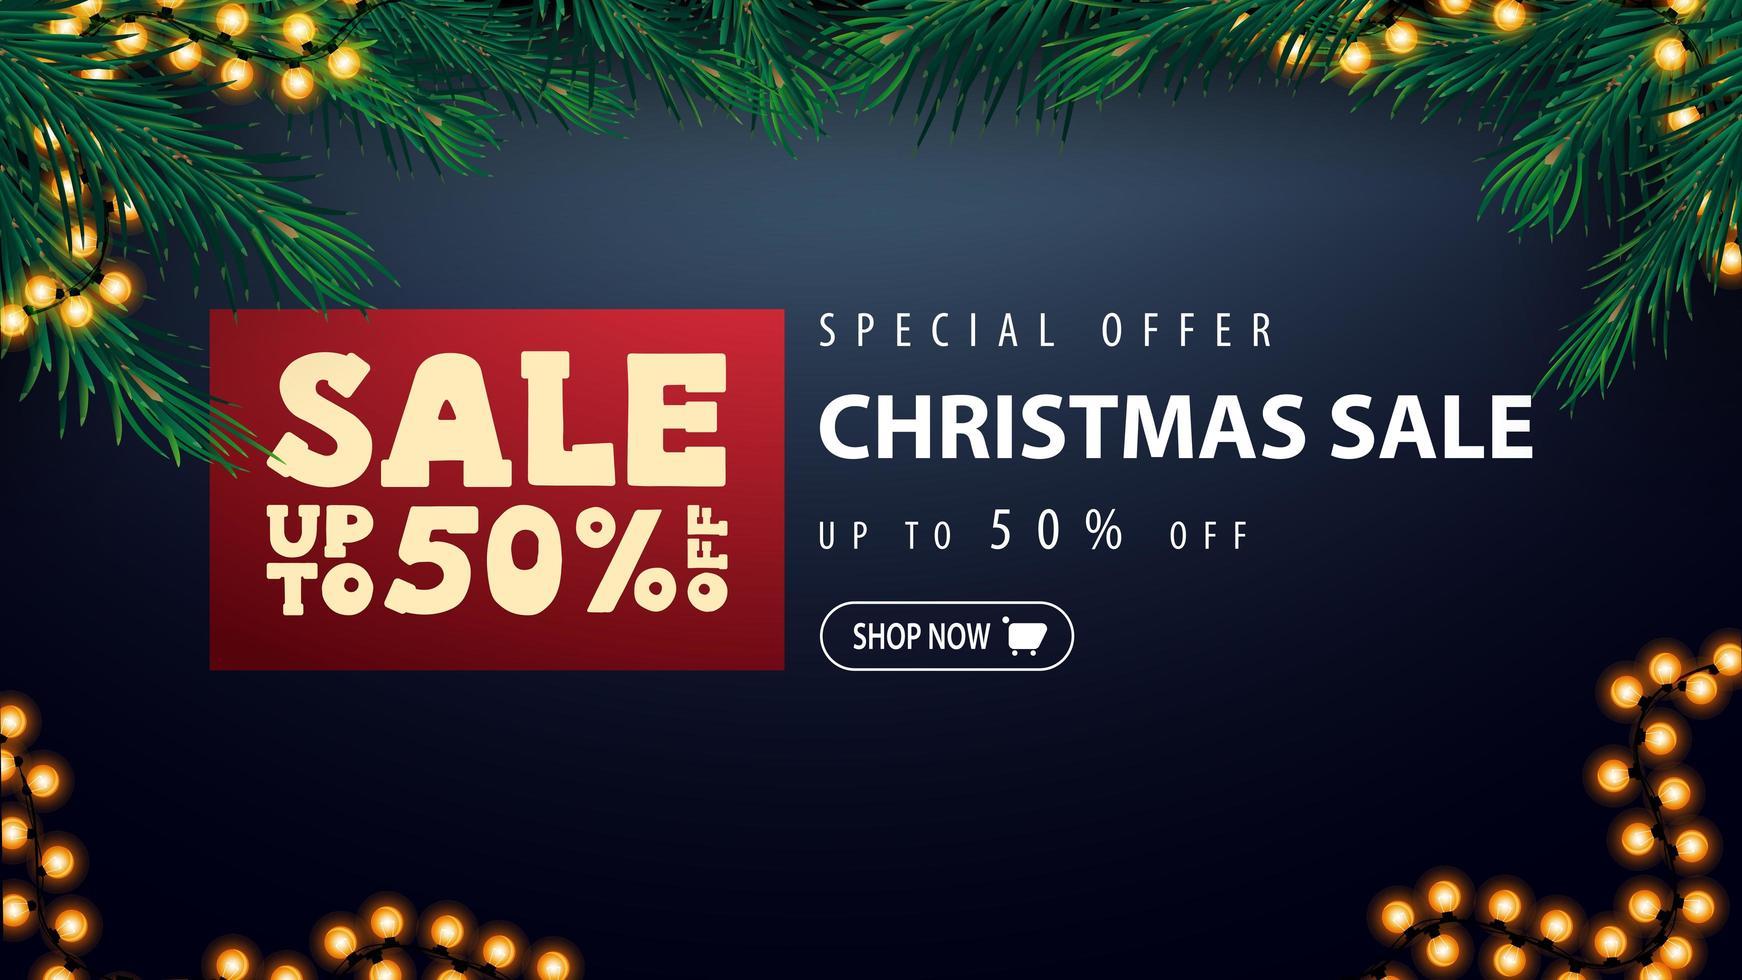 oferta especial, venta de navidad, hasta 50 de descuento, banner de descuento azul con etiqueta de precio roja, guirnalda y marco de ramas de árbol de navidad vector